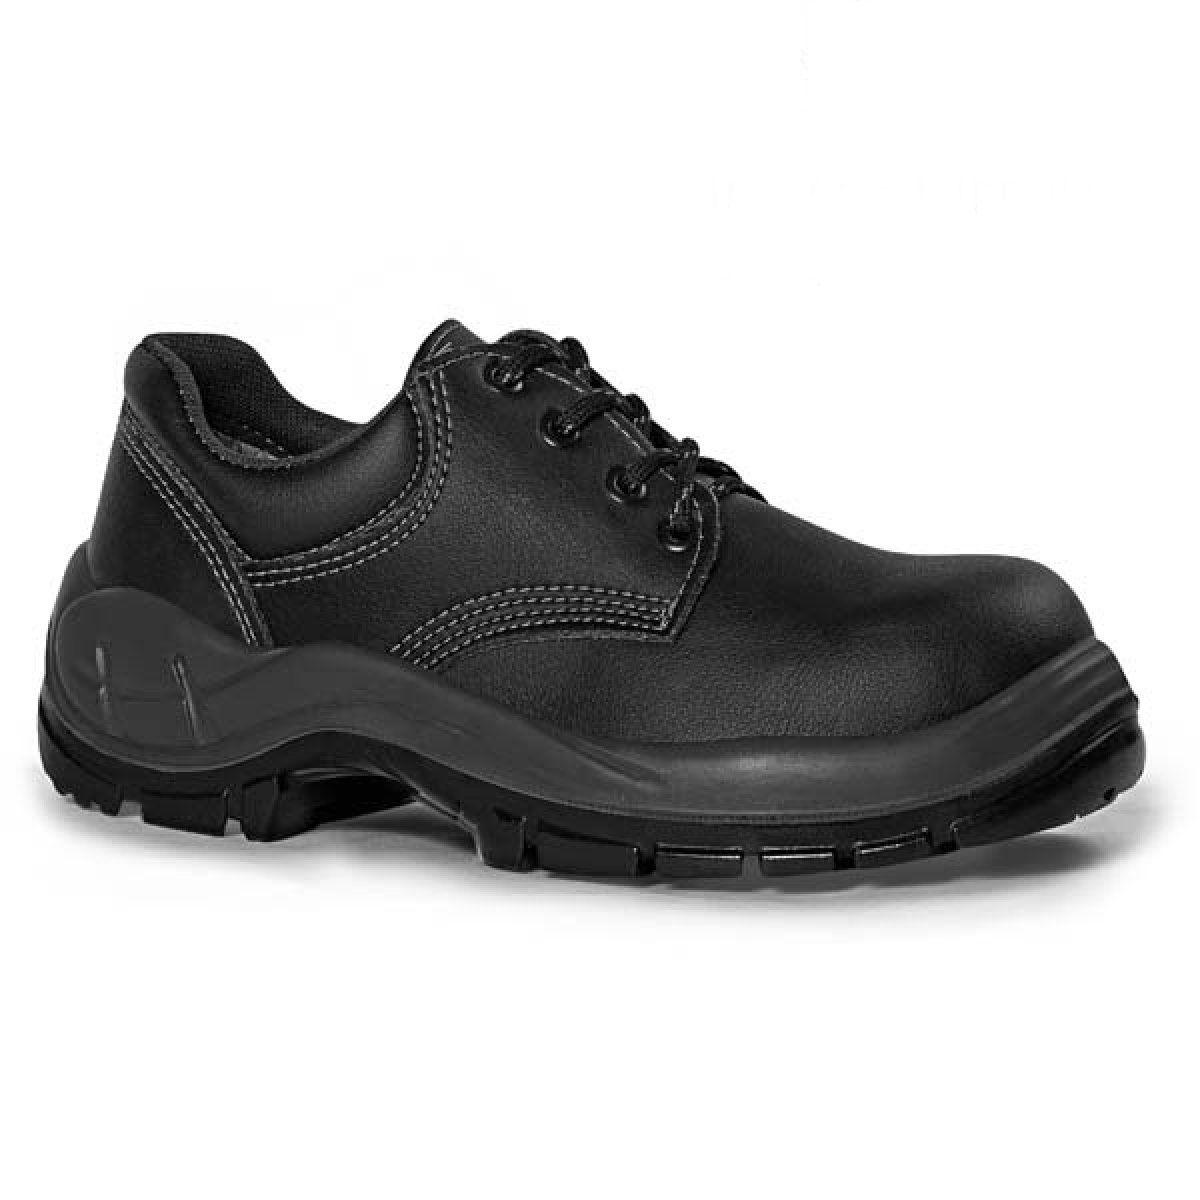 Sapato c/ Cadarço Bidensidade c/ Bico de Aço Preto N°34 - BRACOL